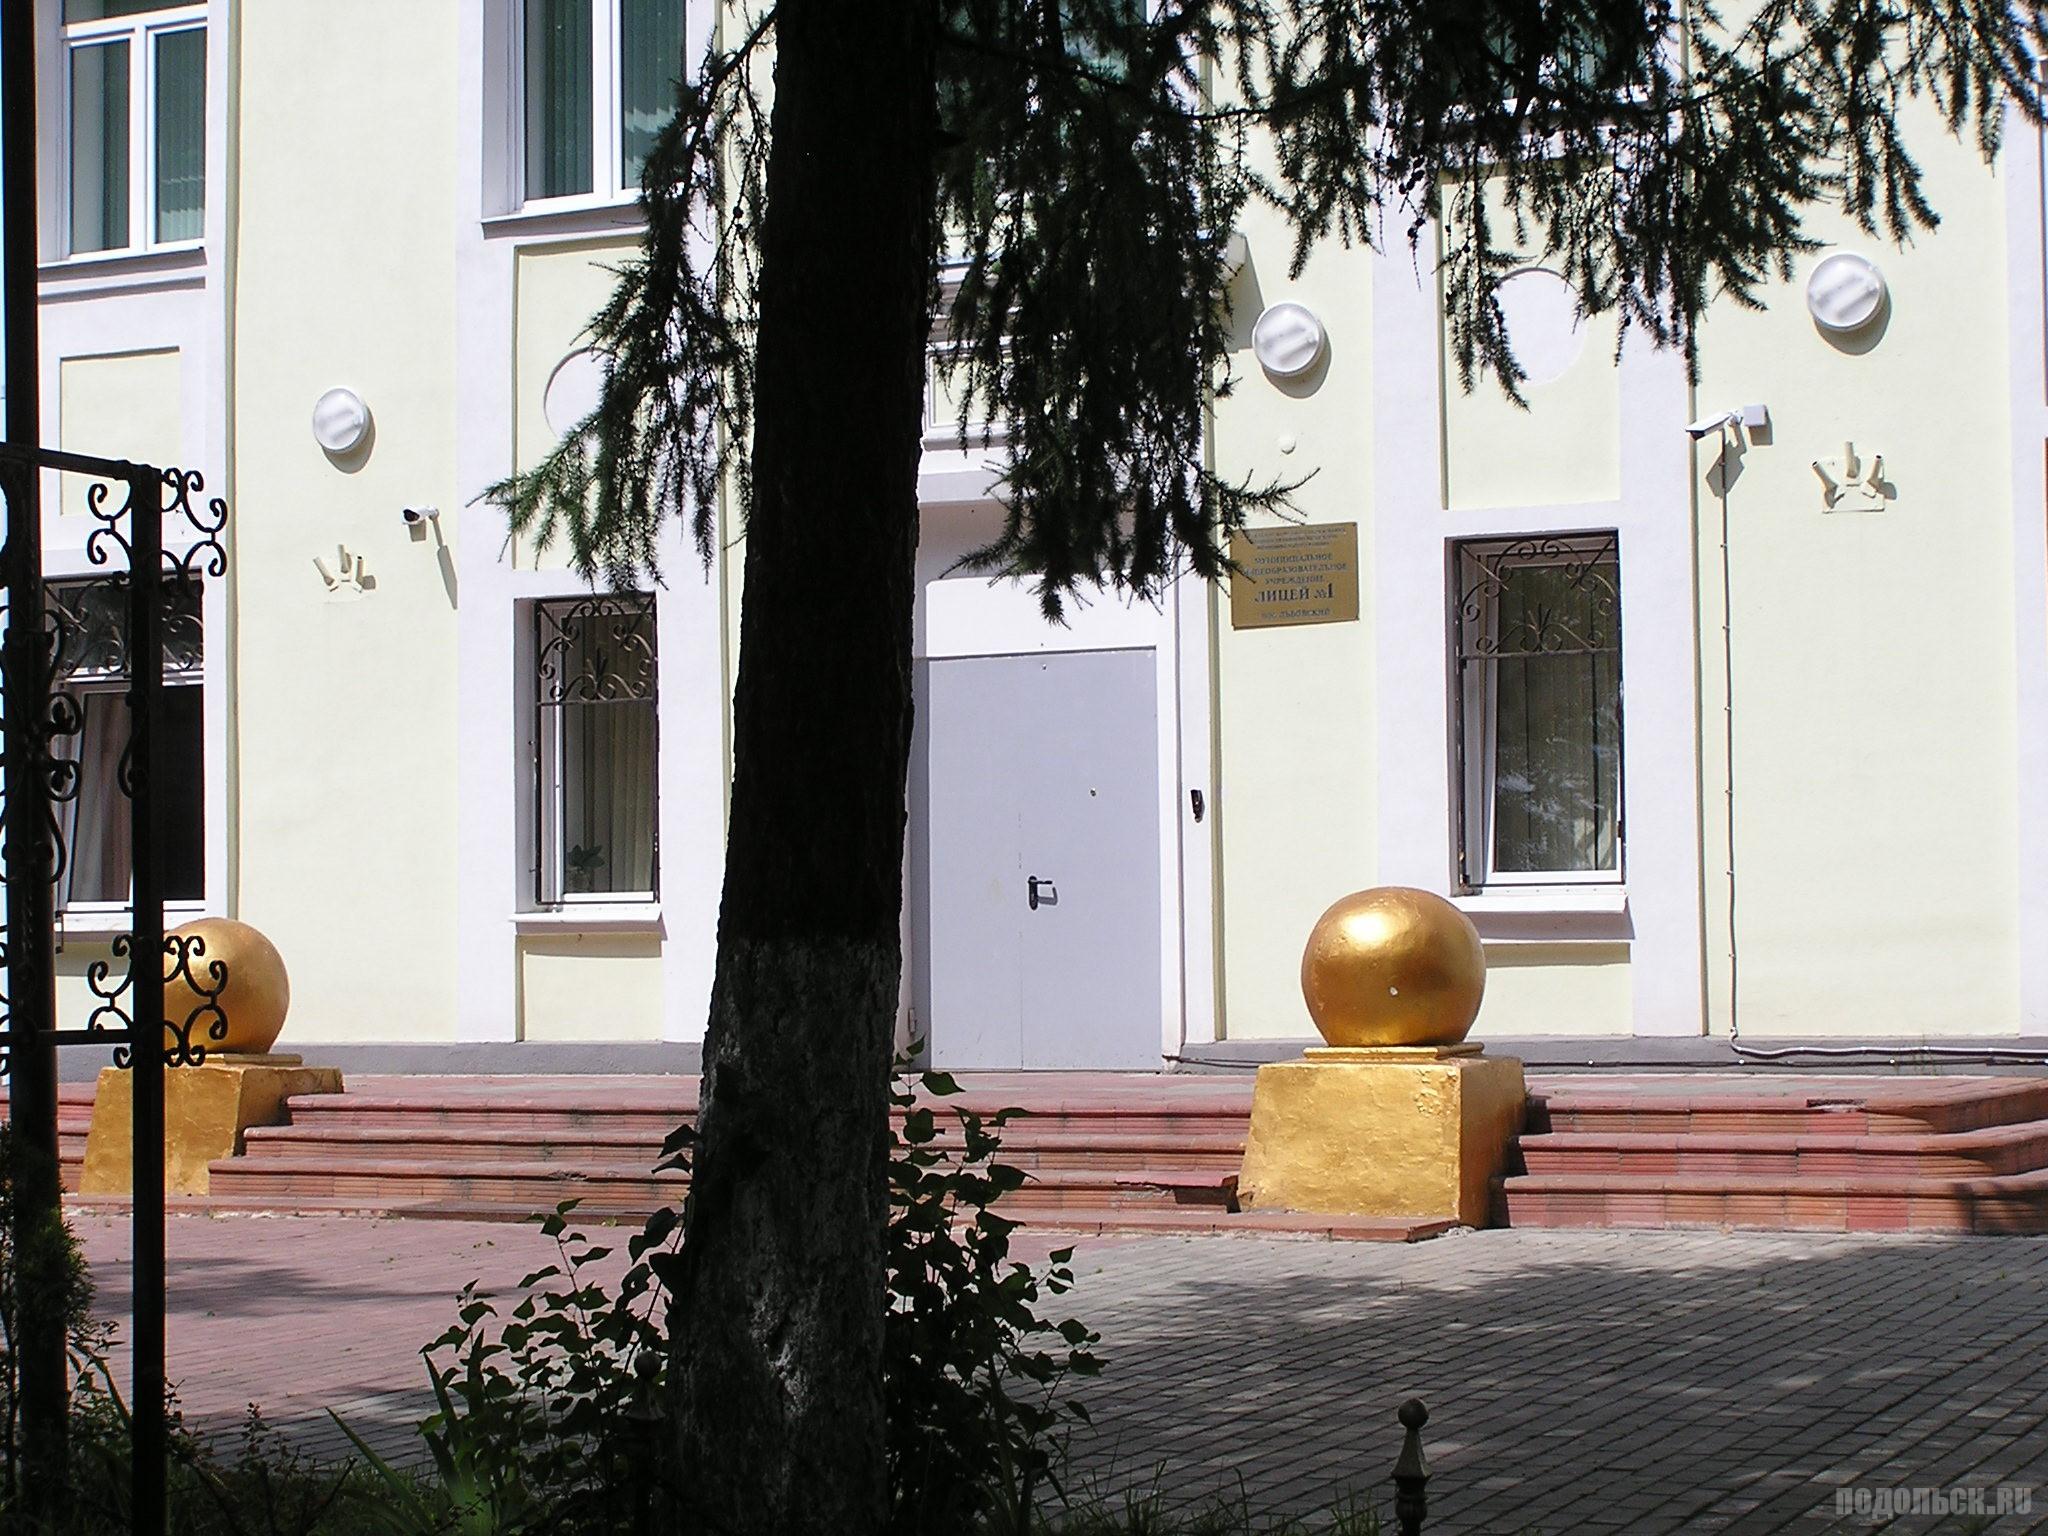 Львовский лицей. Улица Горького. 27 июня 2016 г.